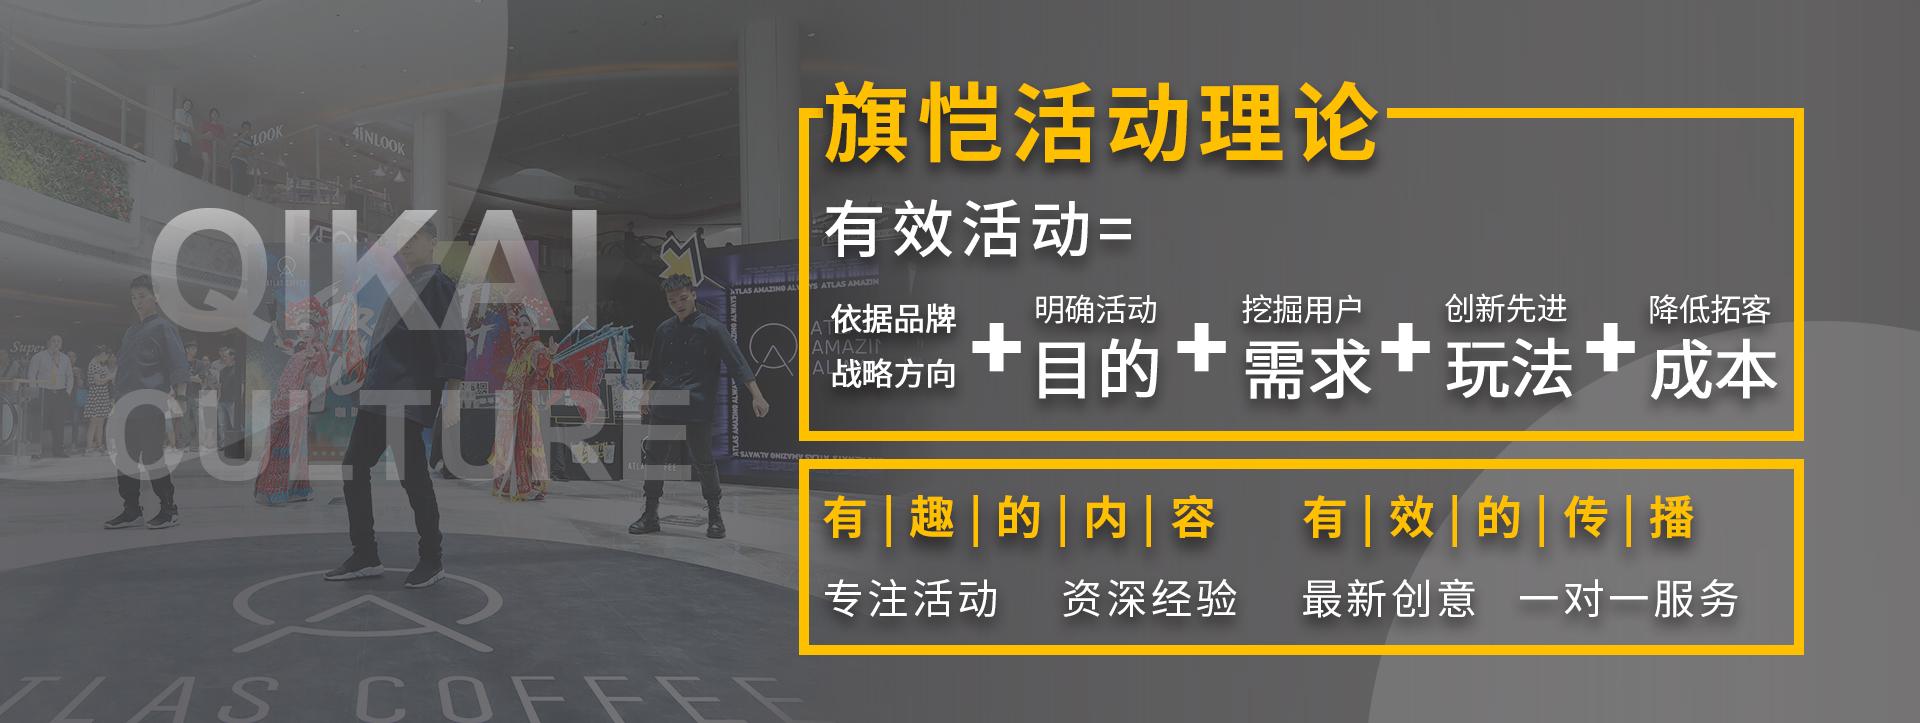 广州公关活动策划公司